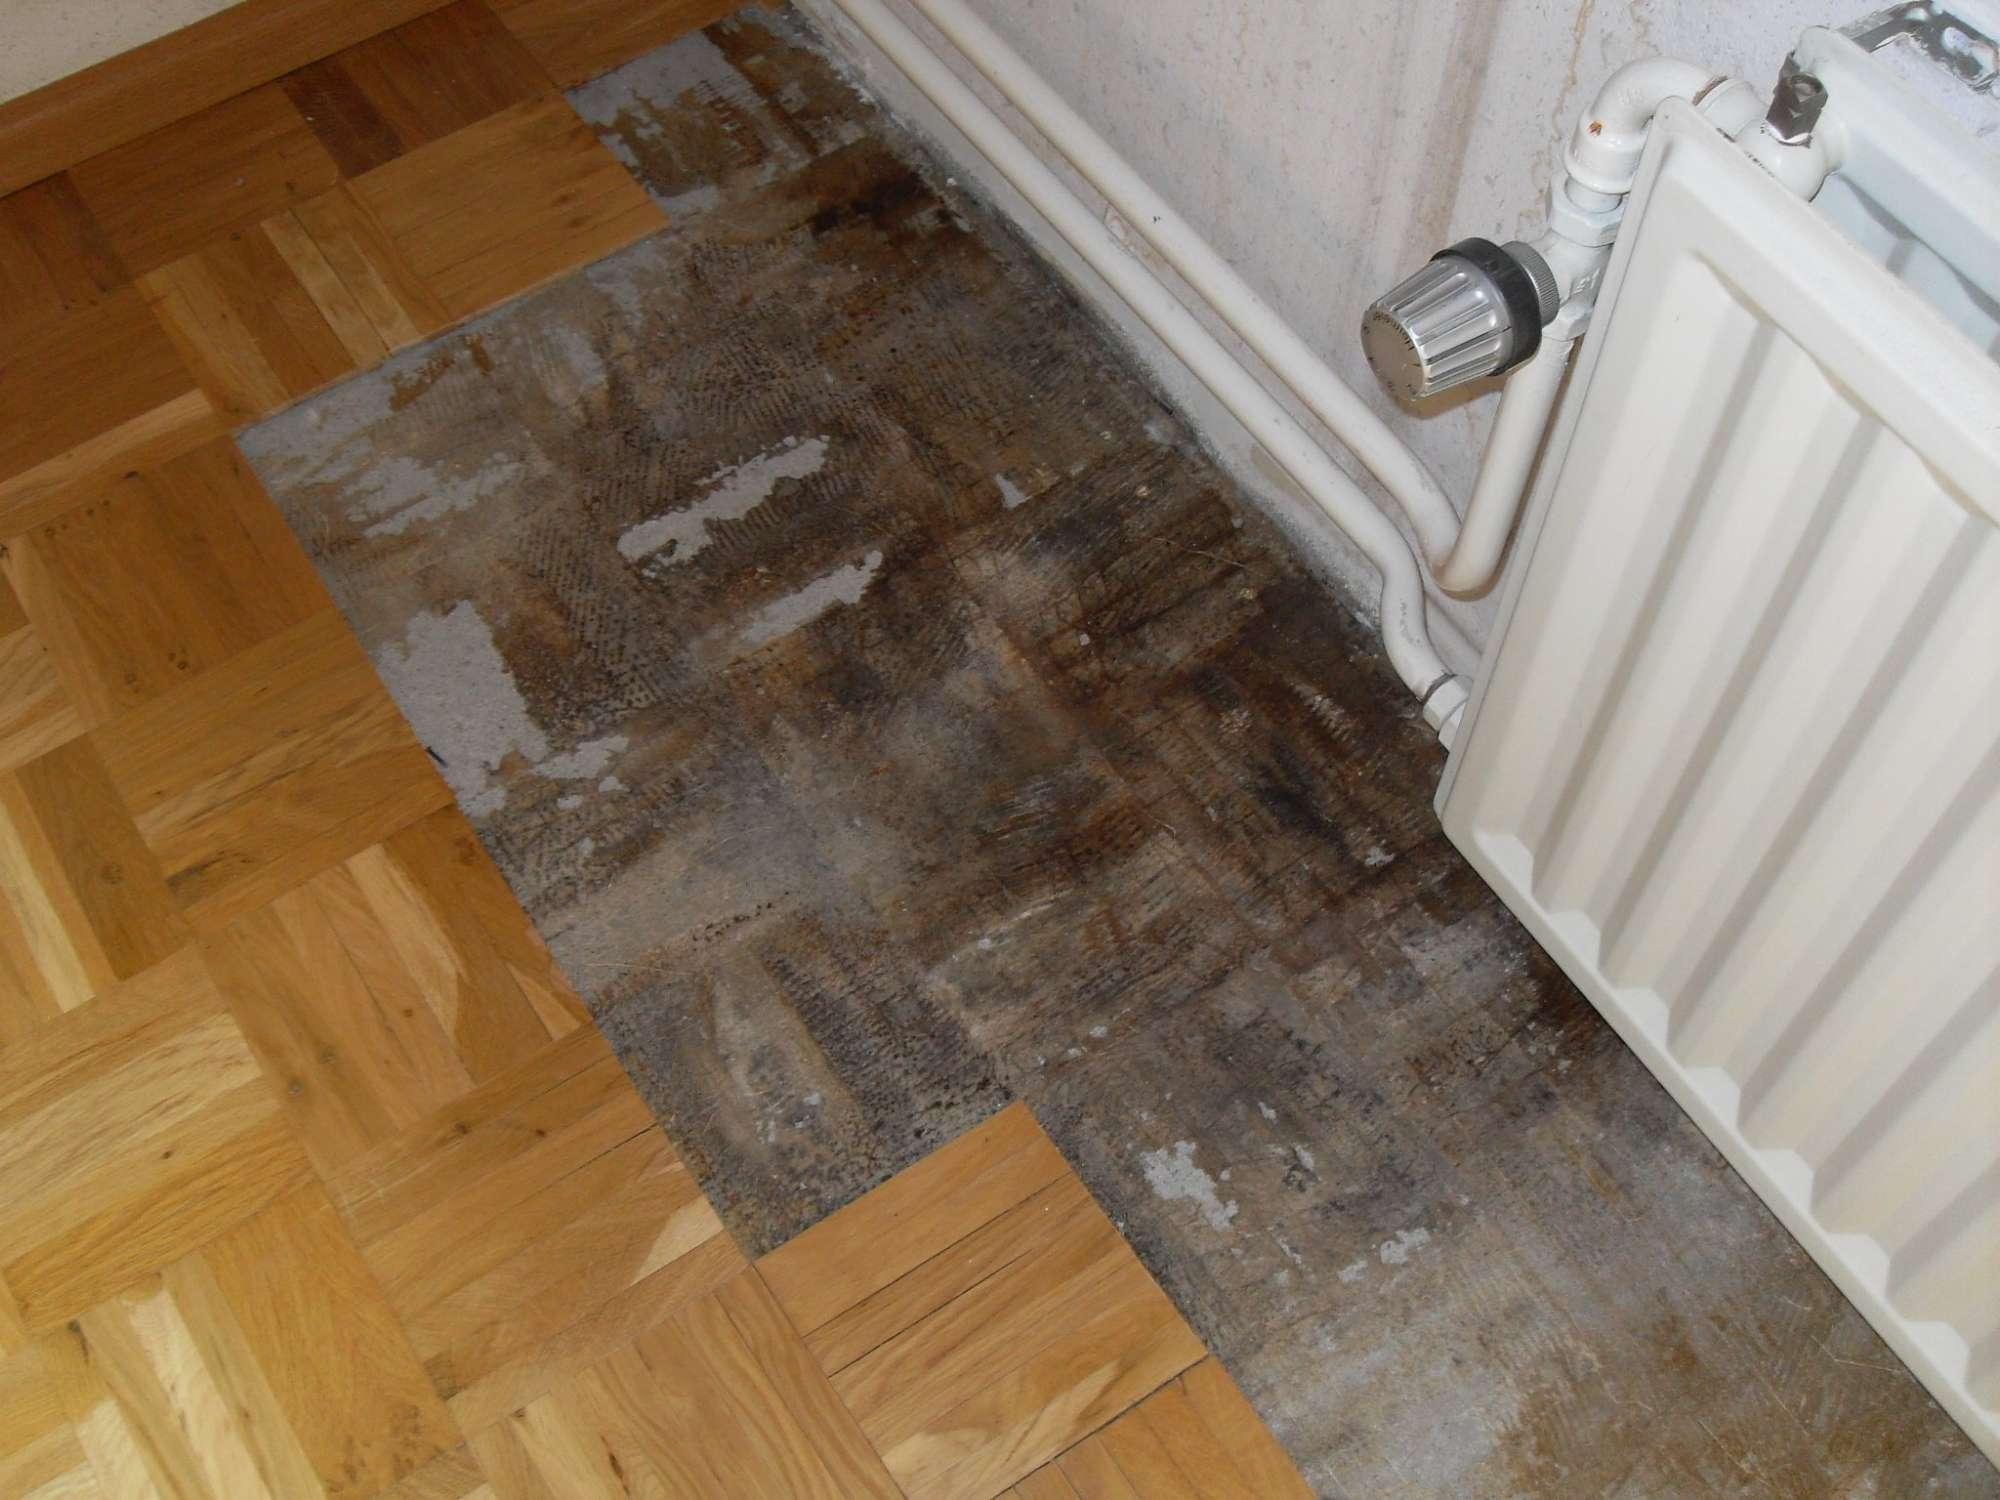 repareren-van-een-vloer-afgewerkt-met-een-naturelle-olie4-3